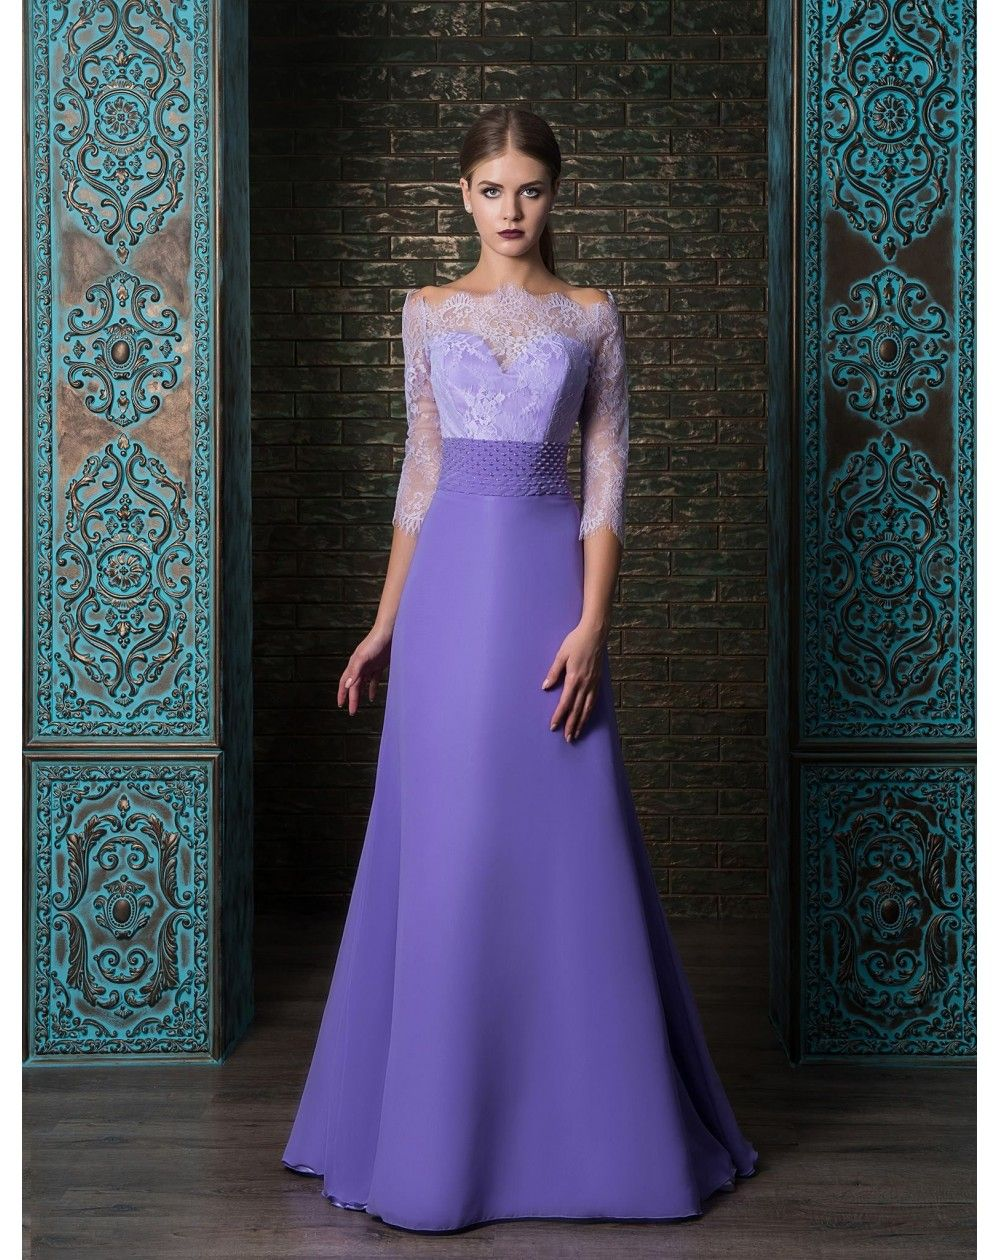 Luxusné elegantné dlhé spoločenské šaty s 3 4 rukávom so zvrškom z jemnej  čipky. Sukňa je ušitá zo šifónu. Šaty sa šijú vo fialovej 8965a6acdb2